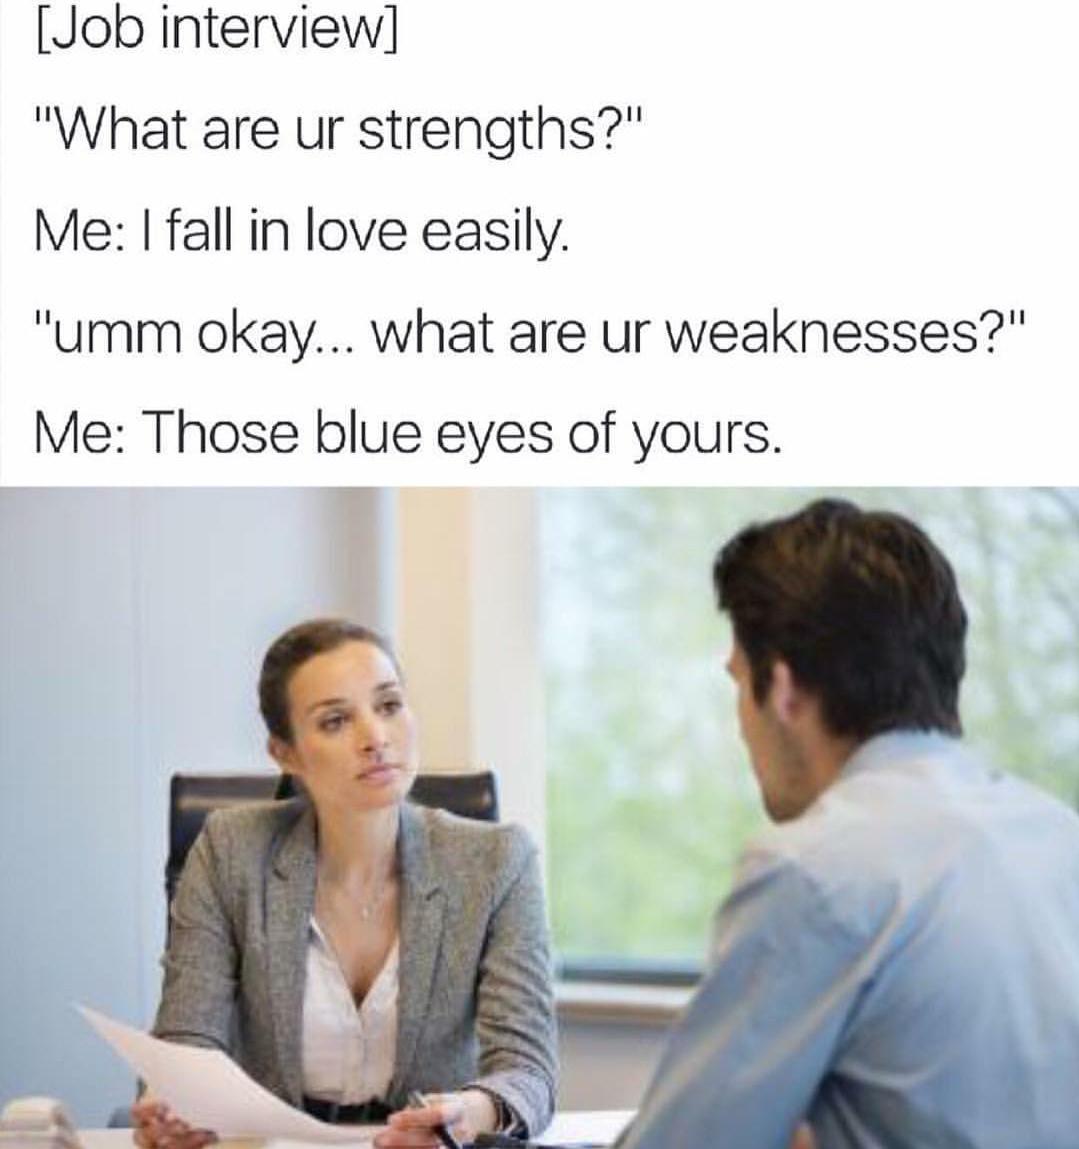 I'd hire him. - meme